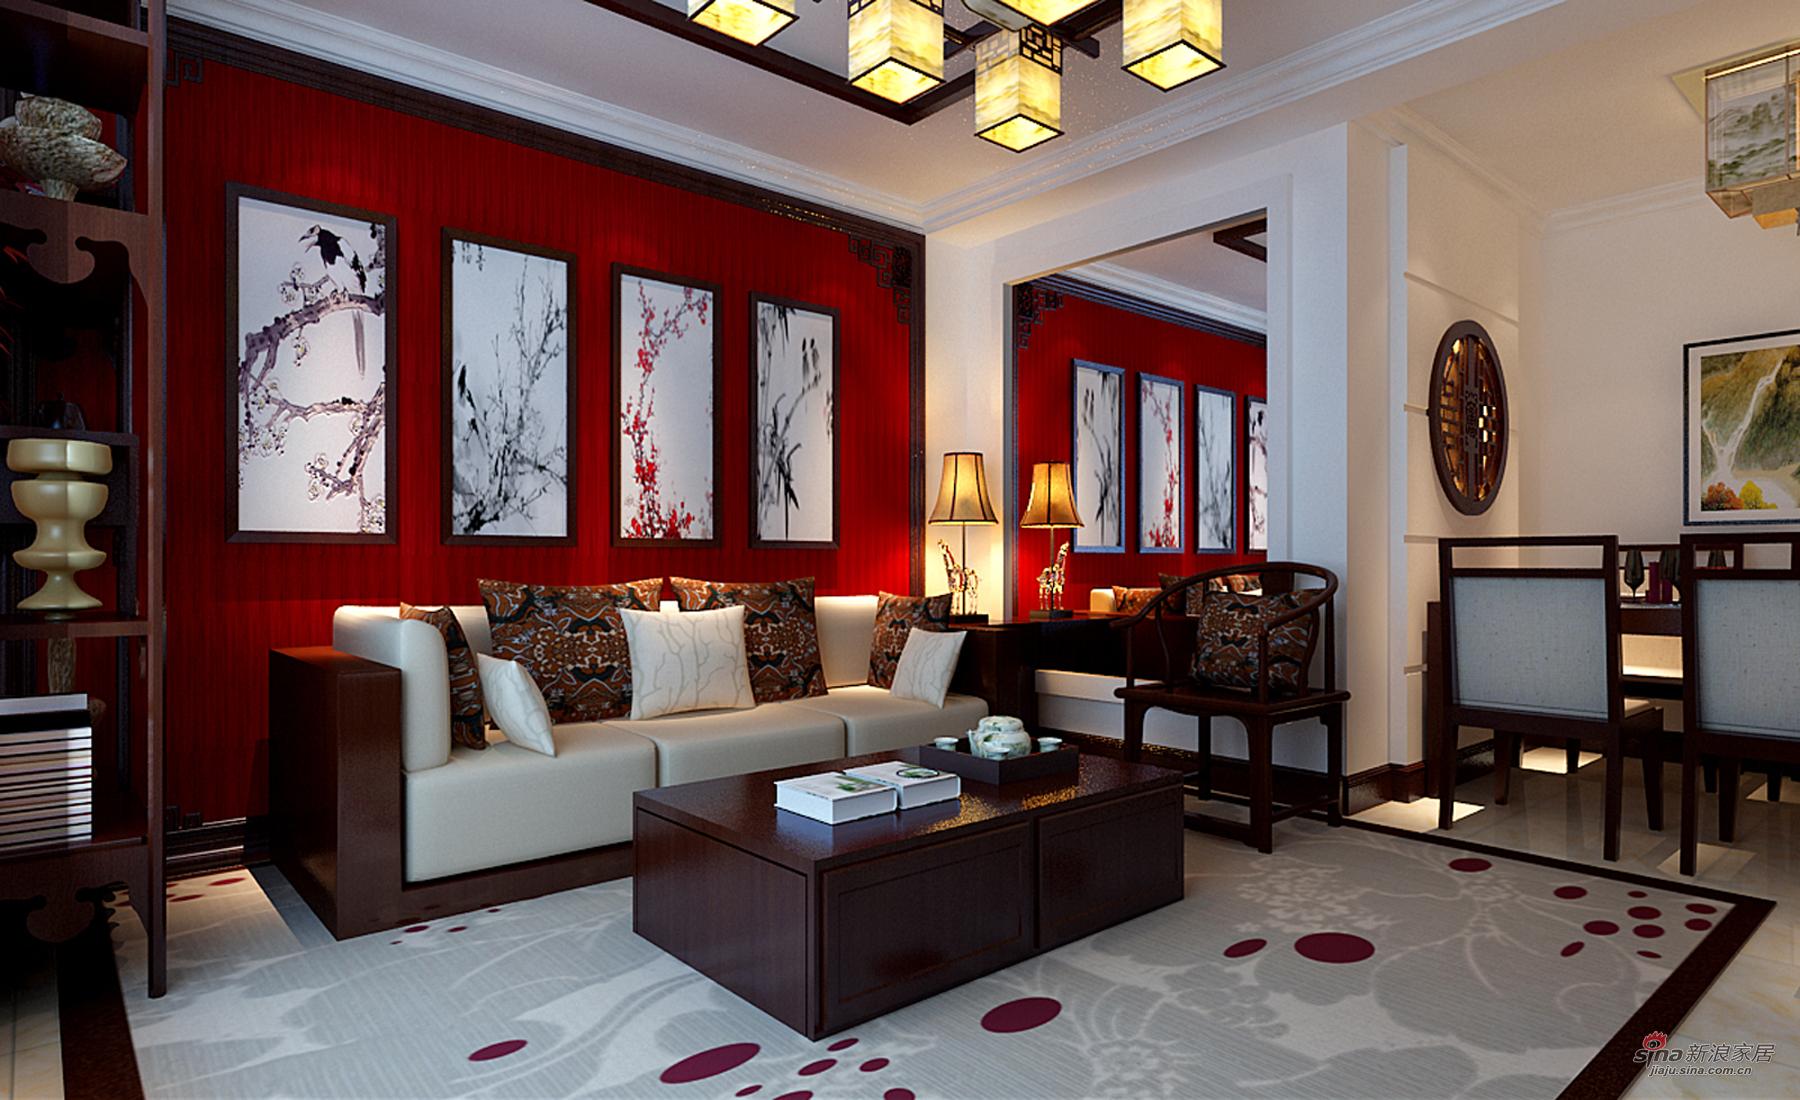 中式 二居 客厅图片来自用户1907661335在我的专辑142944的分享